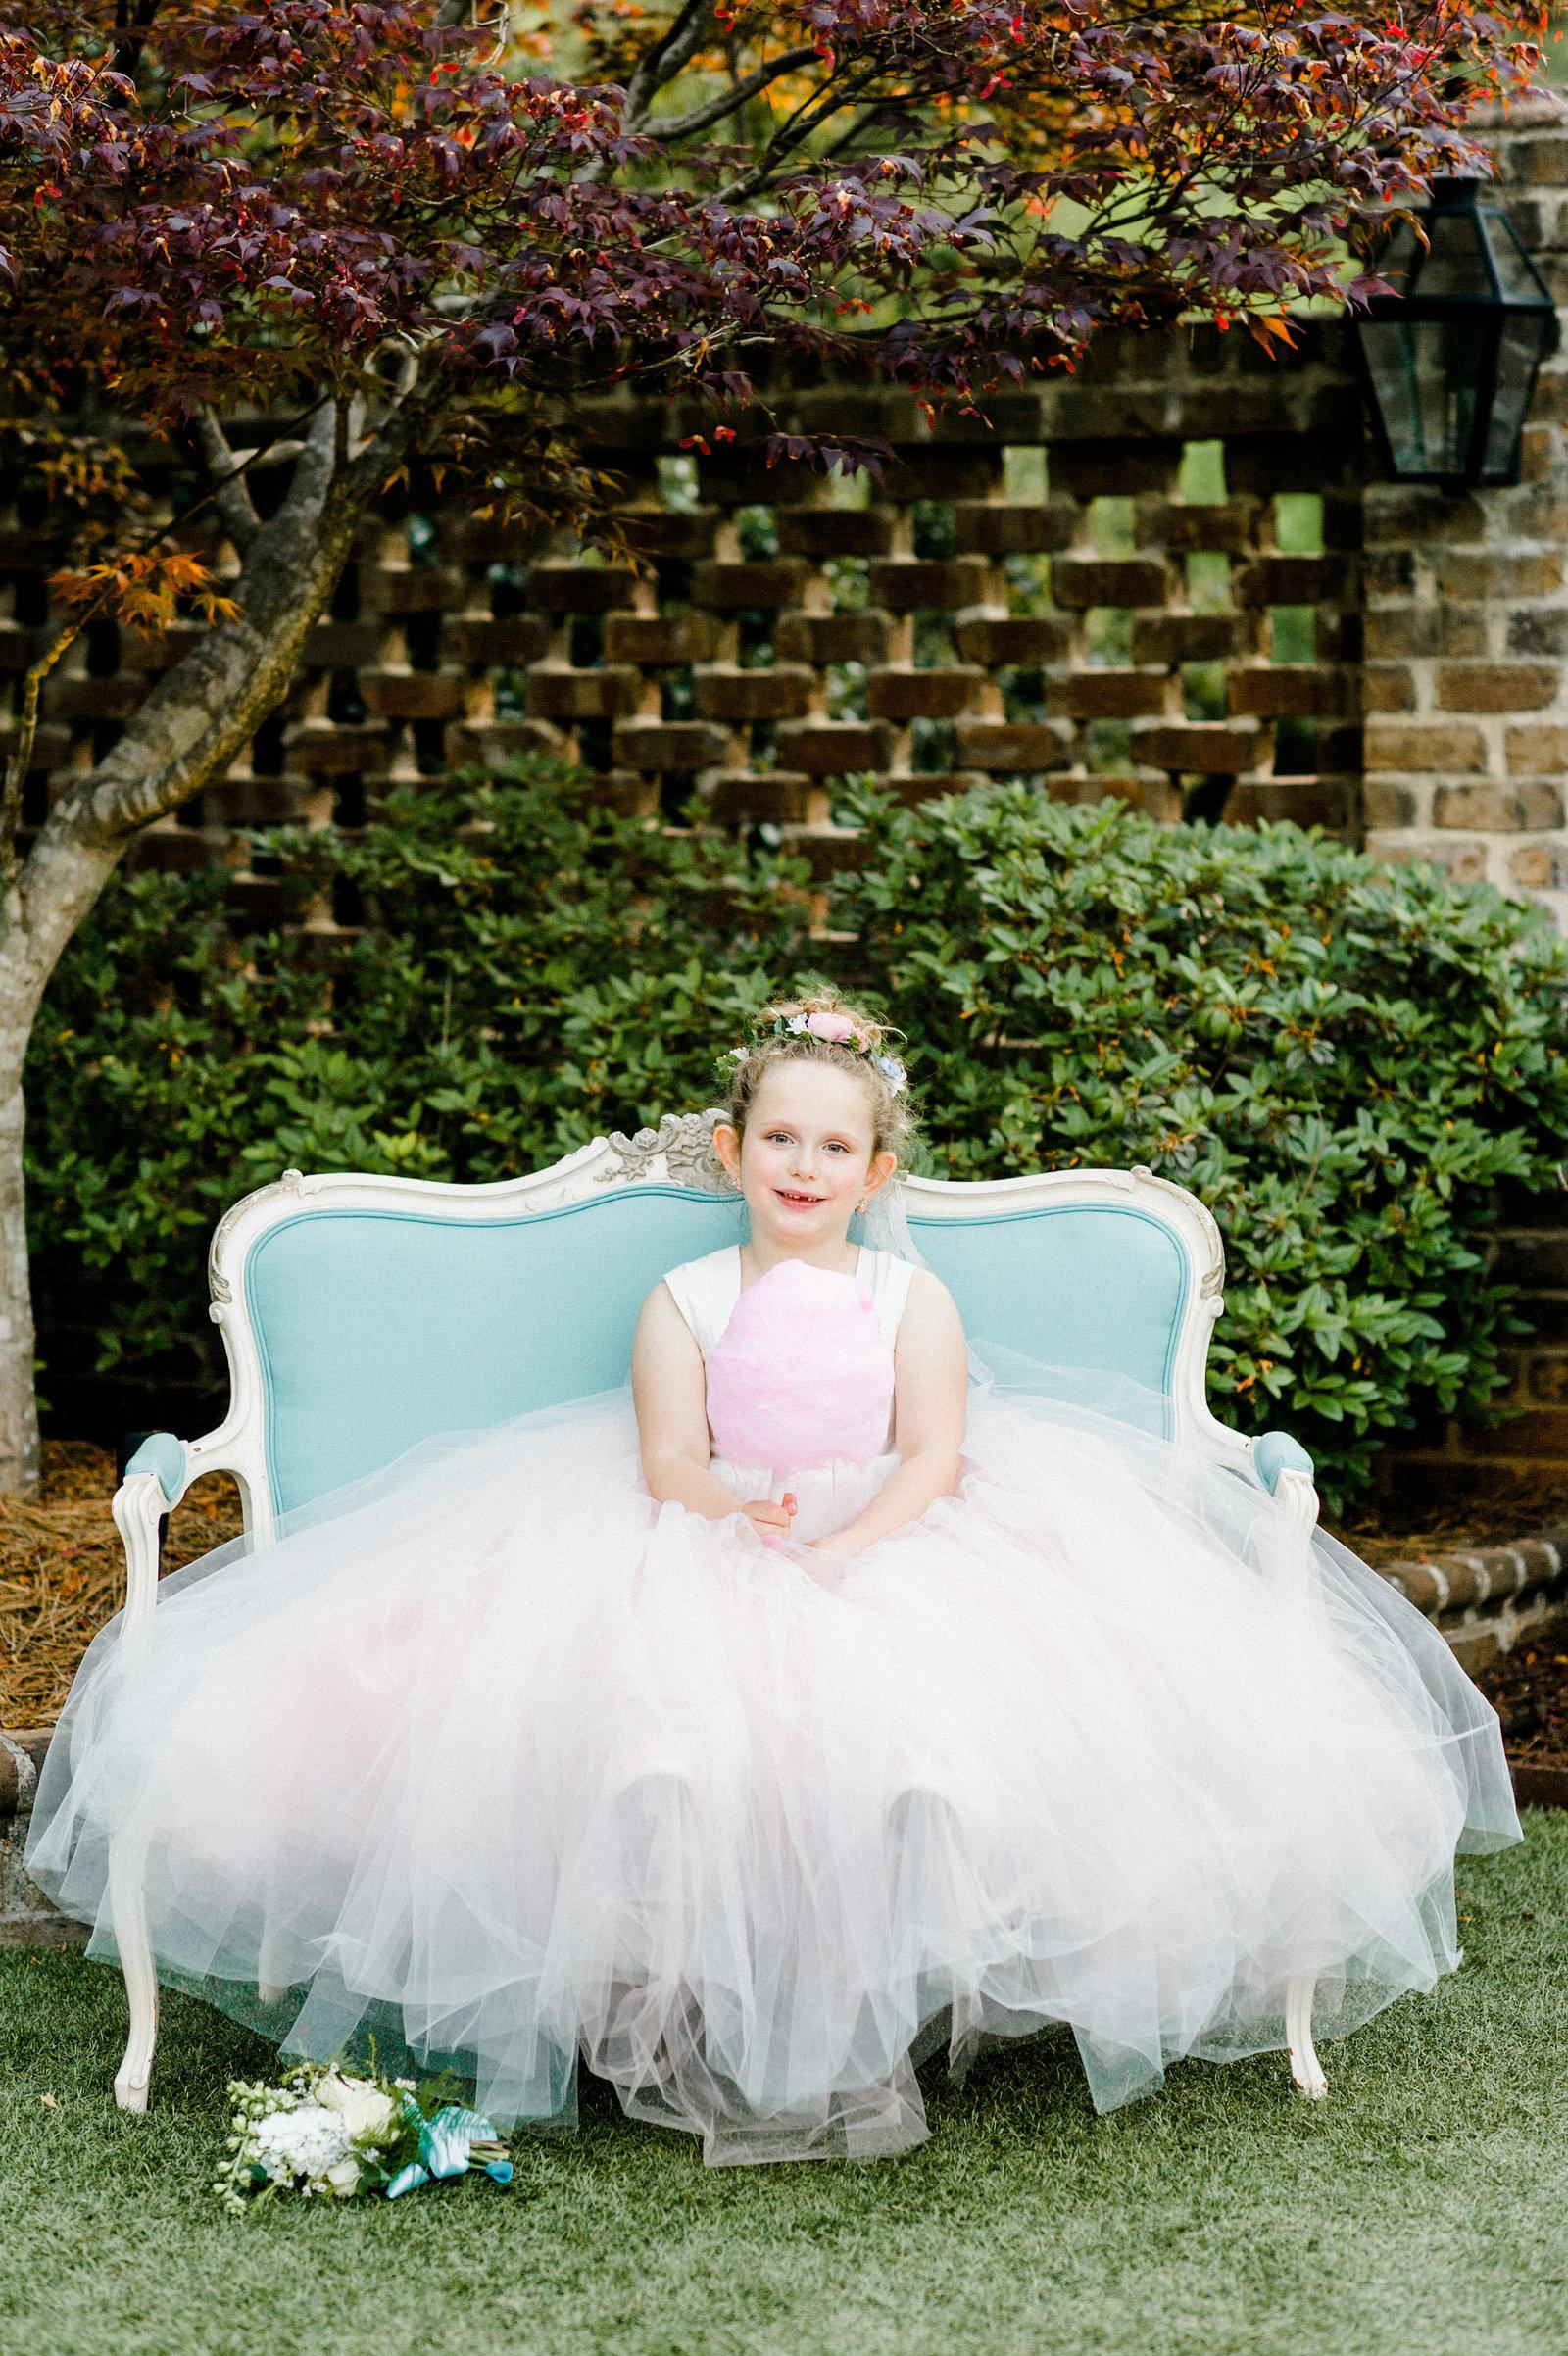 CarolineLimaPhotography_TheSutherland_Editorial_2016_184